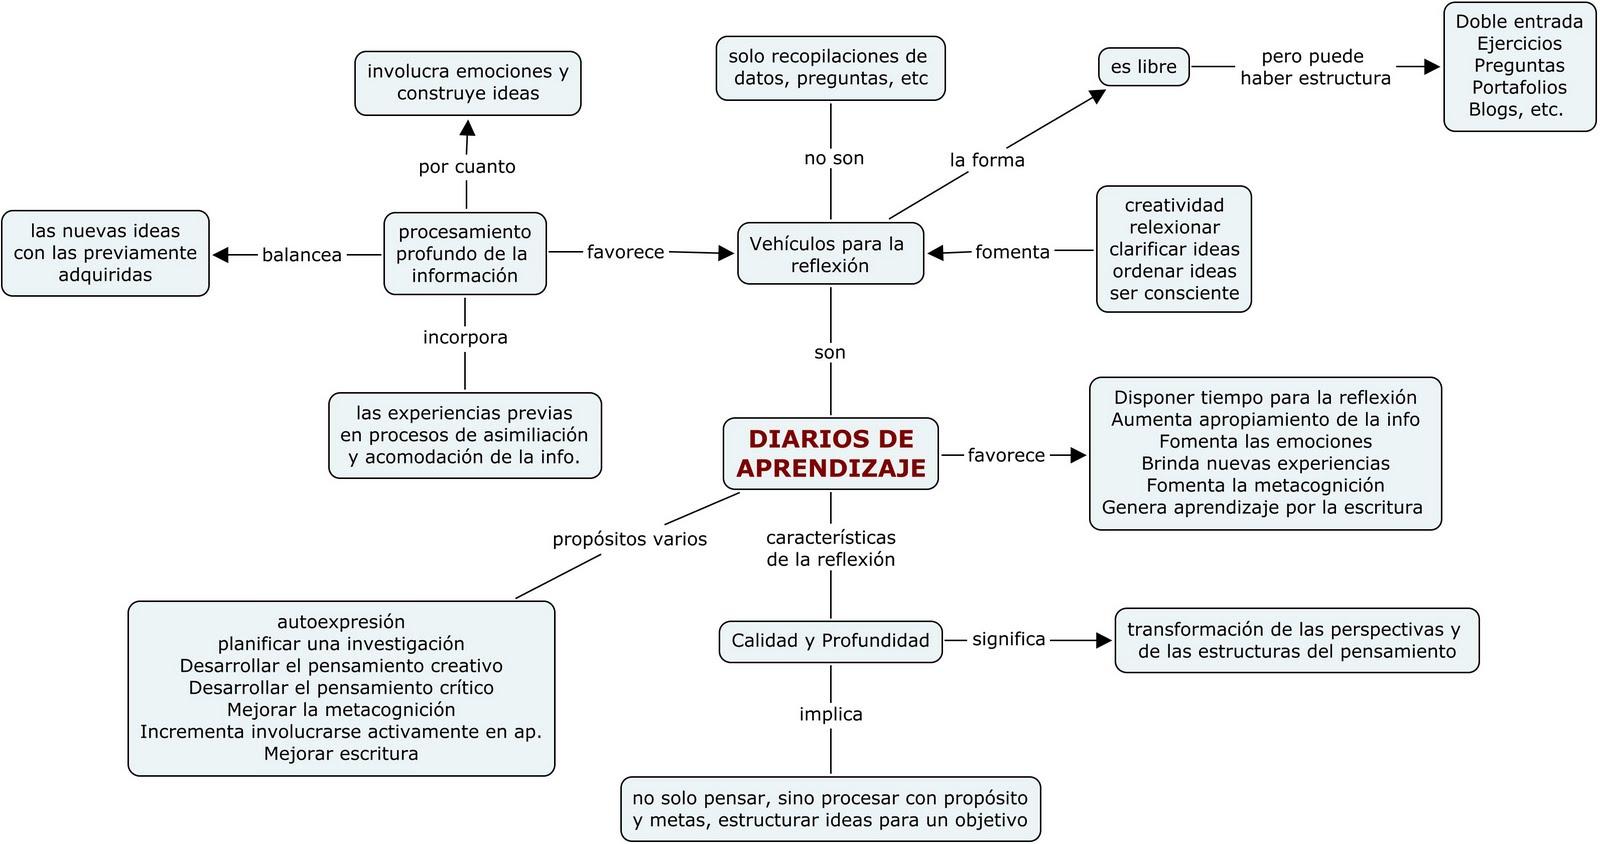 estrategia conductuales cognitivas: